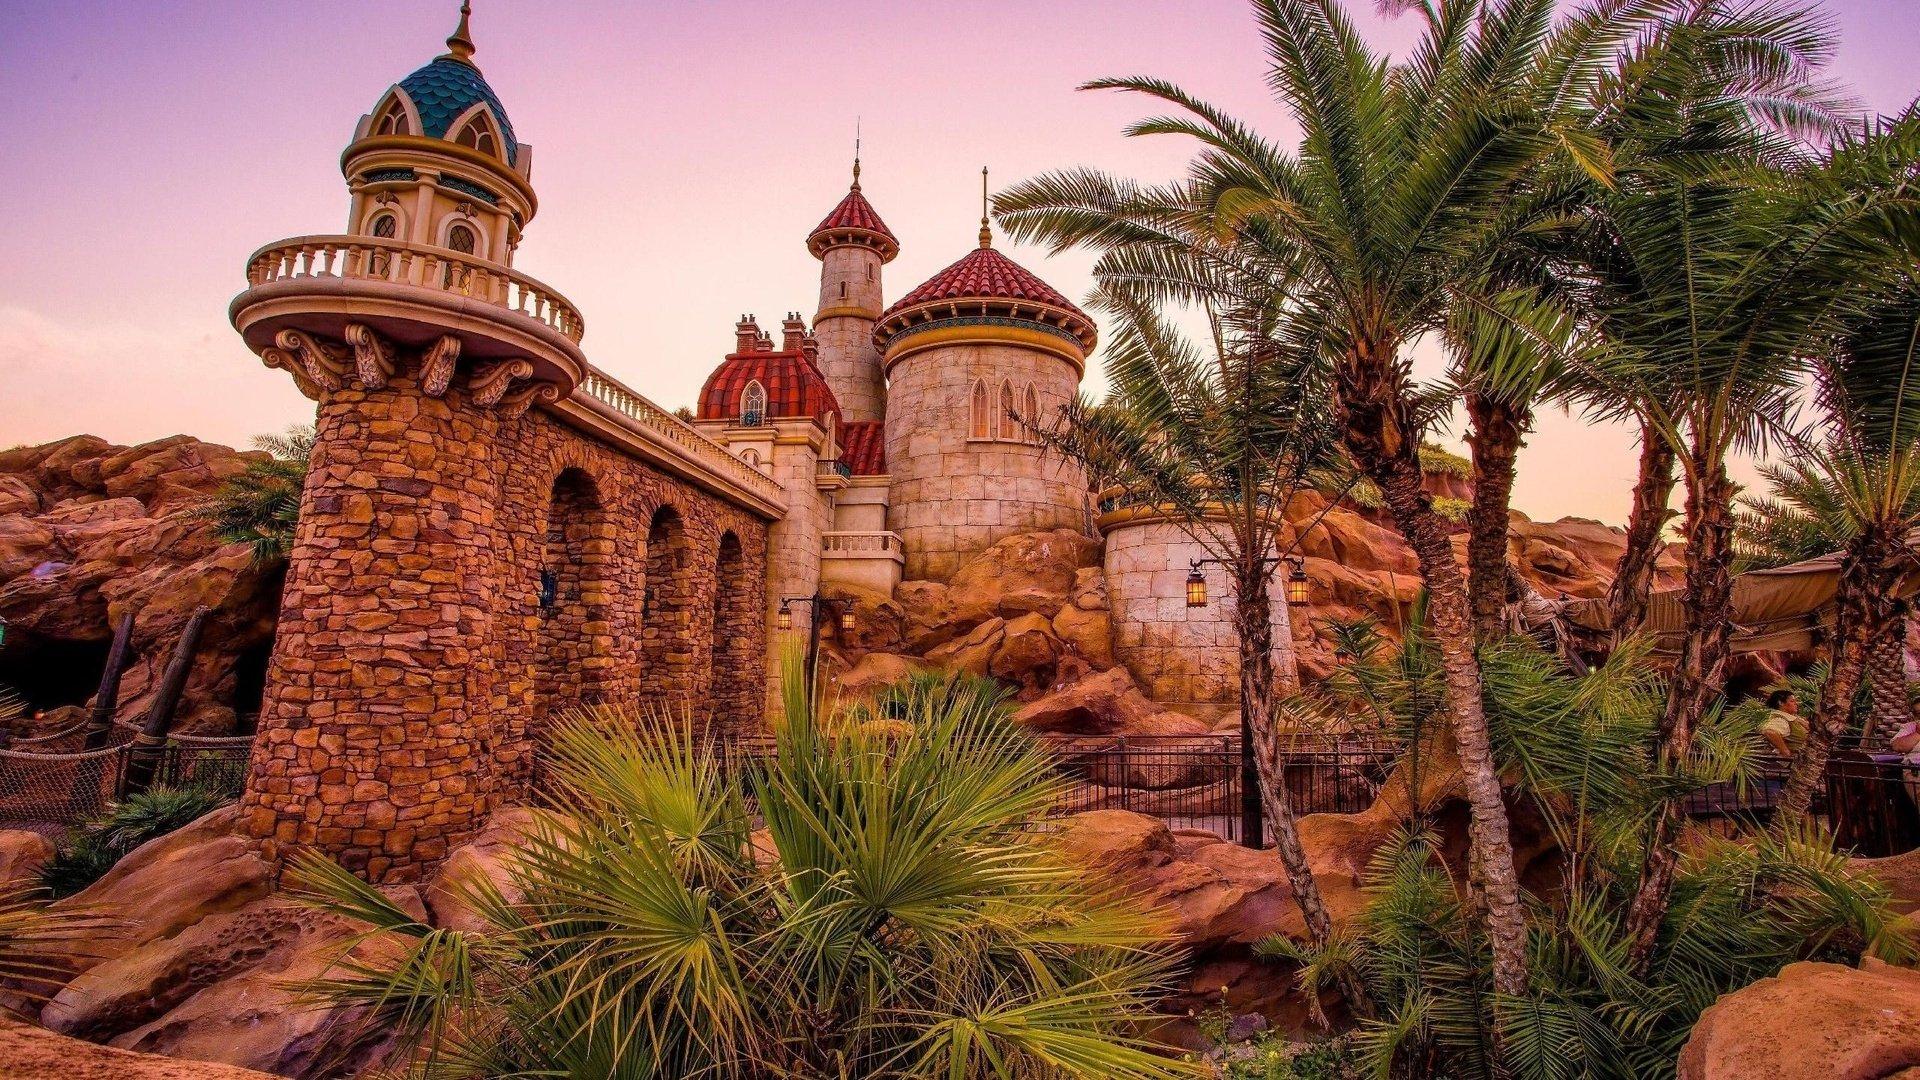 magic kingdom wallpaper free